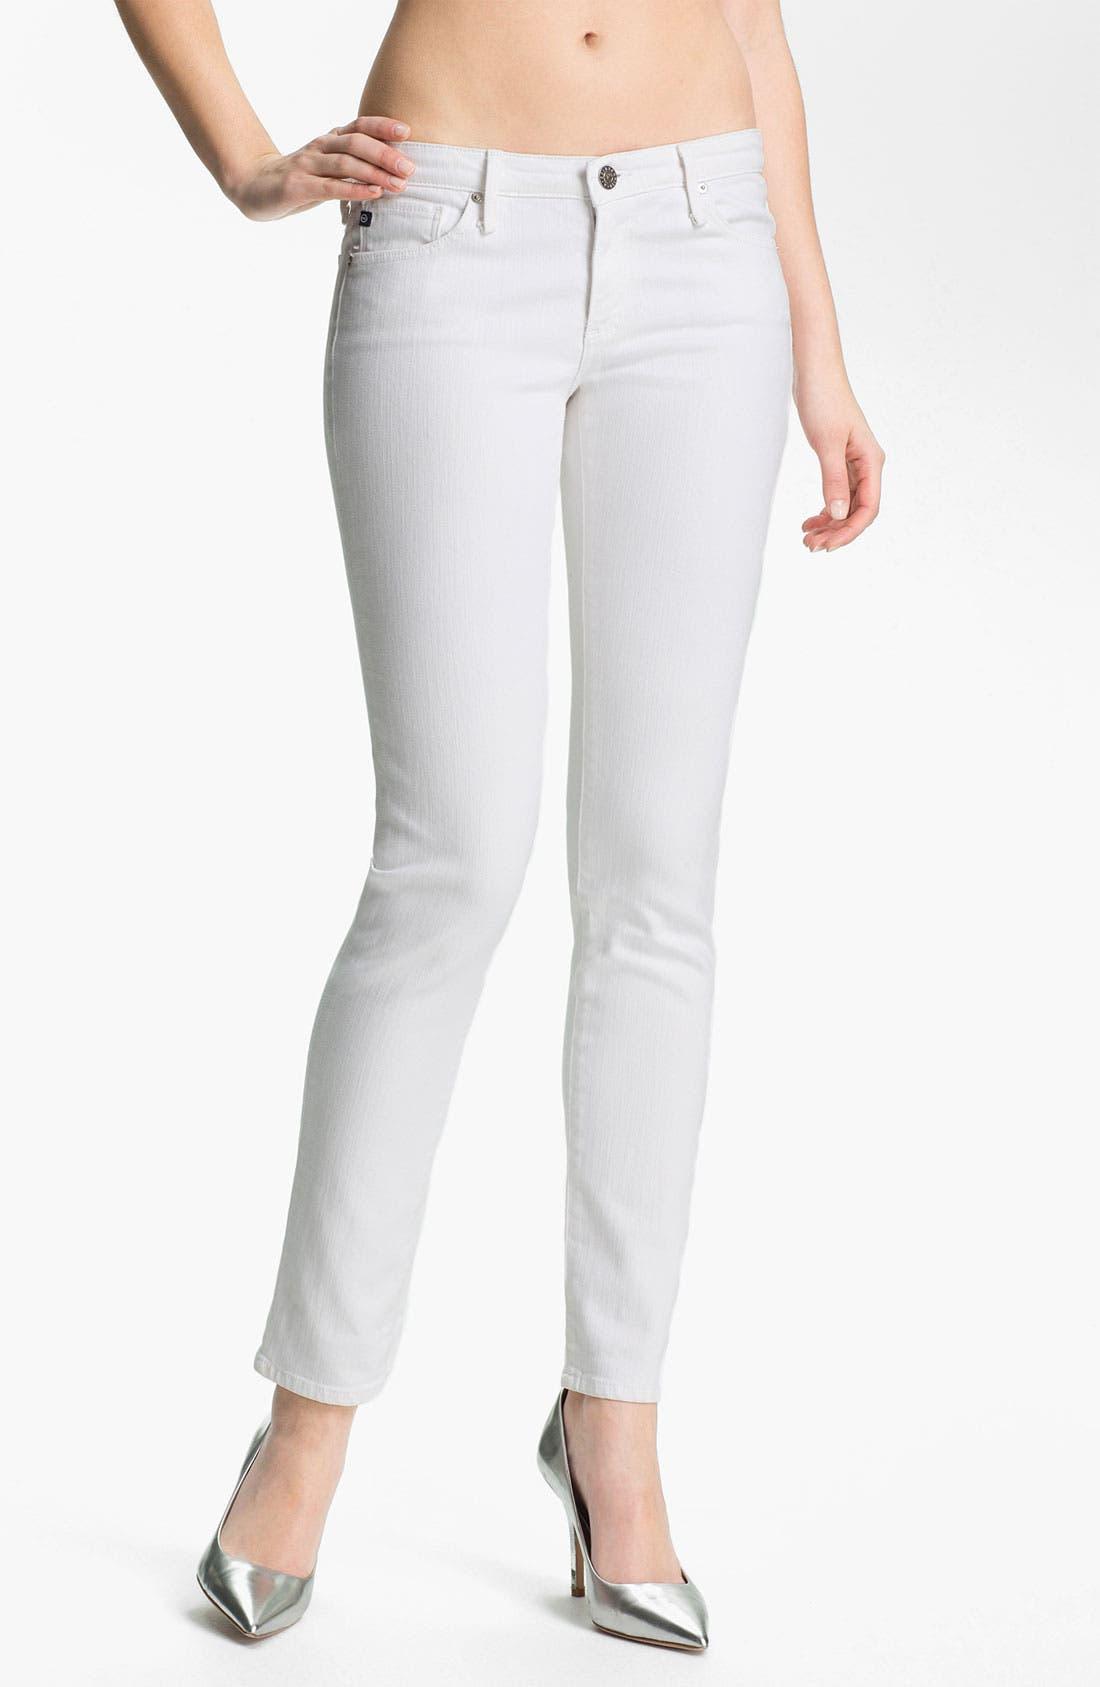 AG, Jeans 'Stilt' Cigarette Leg Stretch Jeans, Main thumbnail 1, color, 100